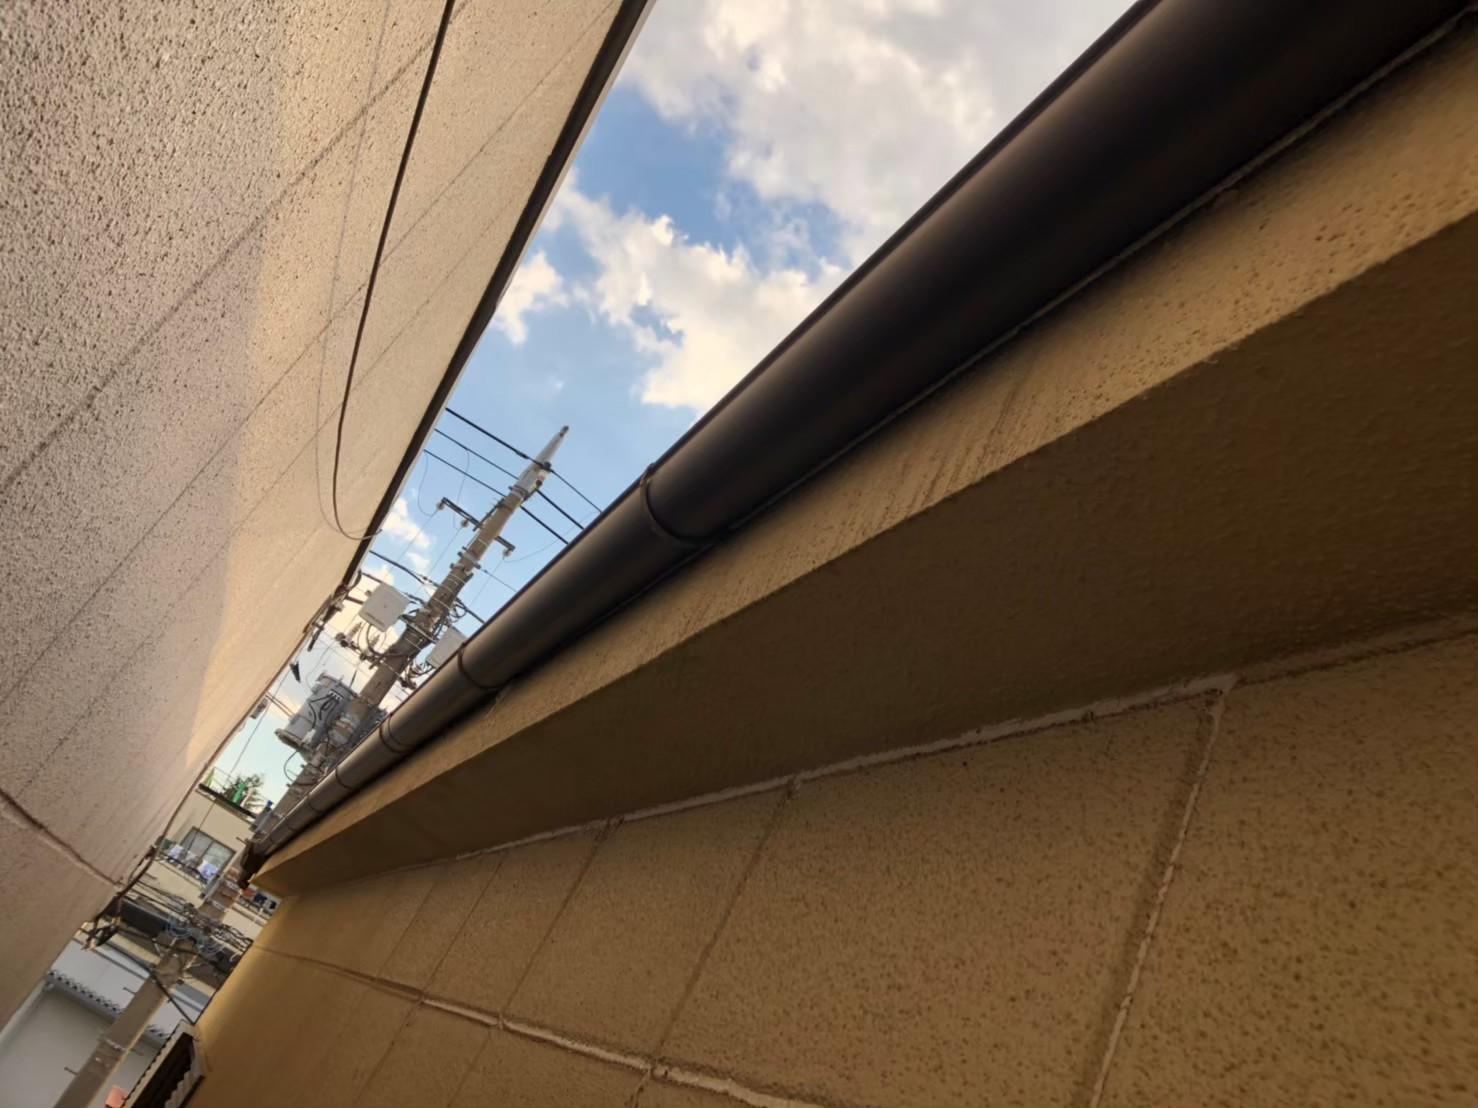 【施工完了報告】火災保険についてよくあるご質問にお答えします。千葉県習志野市にて台風で破損した波板交換&雨どい工事!